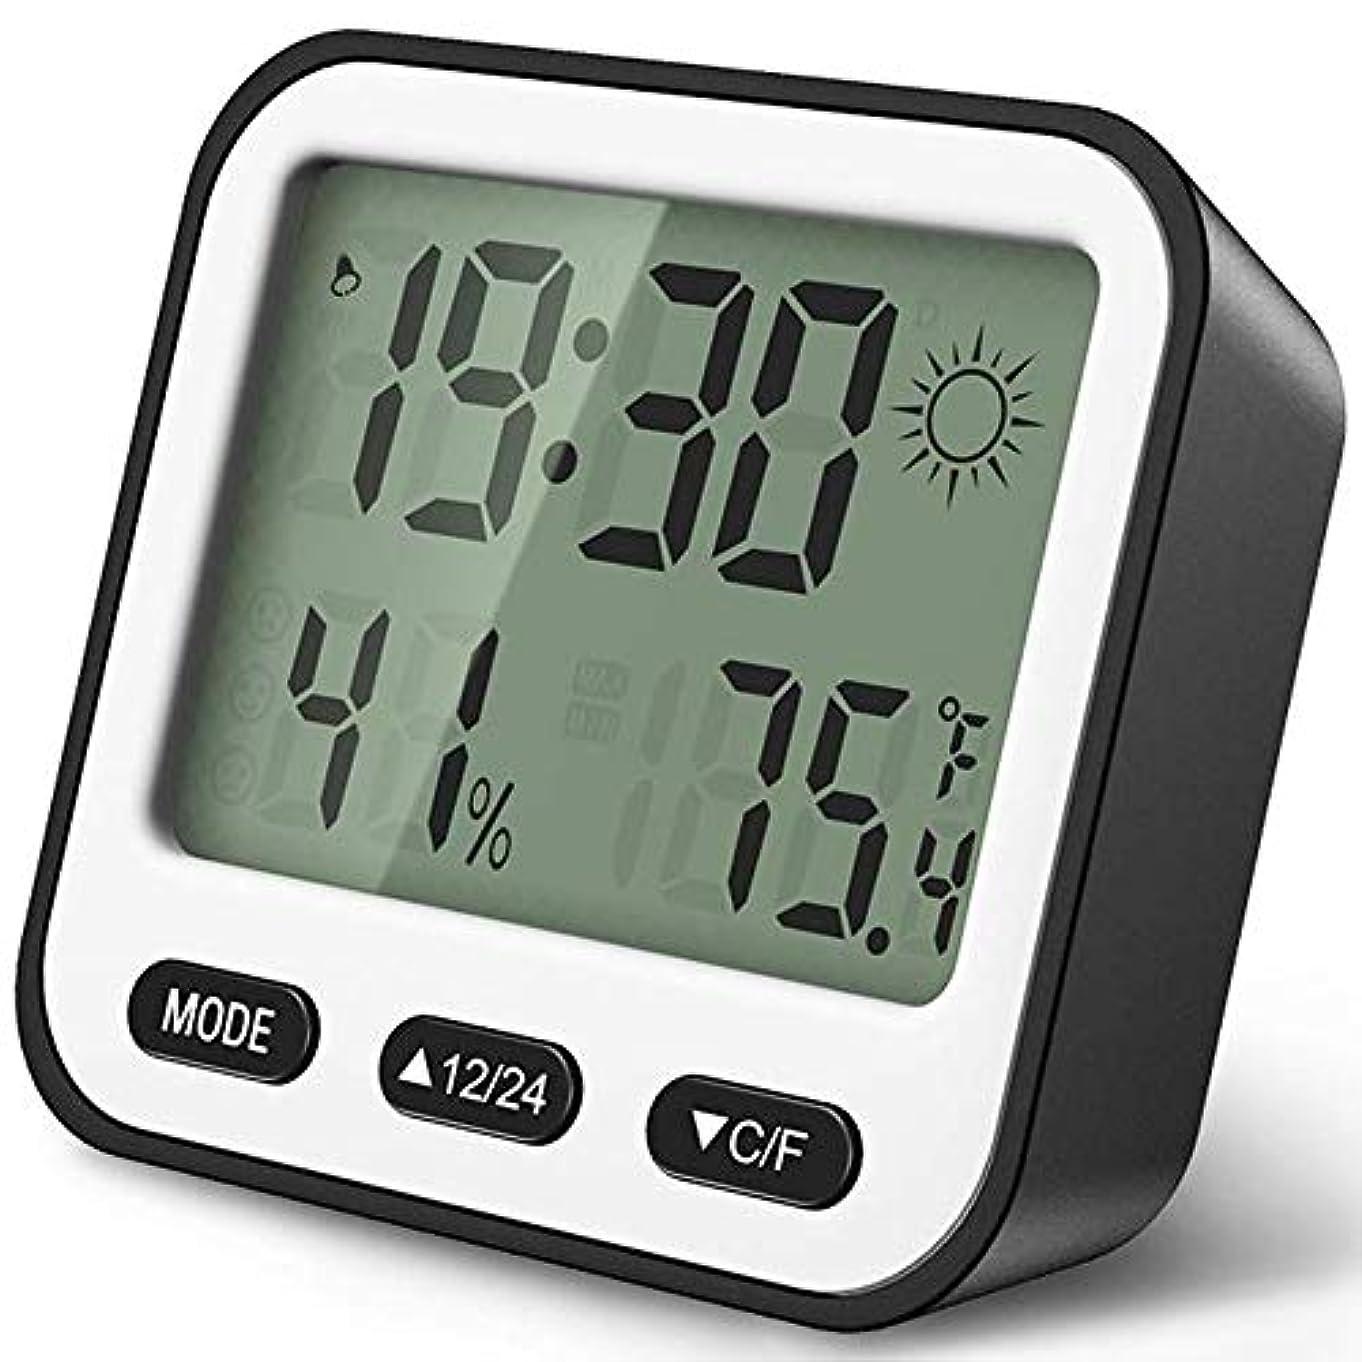 腹痛借りる解読するRETYLY 寝室用の小さな目覚まし時計、デジタル時計 液晶デスククロックガールズキッズ目覚まし時計 電池式 天気/温度/湿度ベッド目覚まし時計オフィスのための壁旅行目覚まし時計